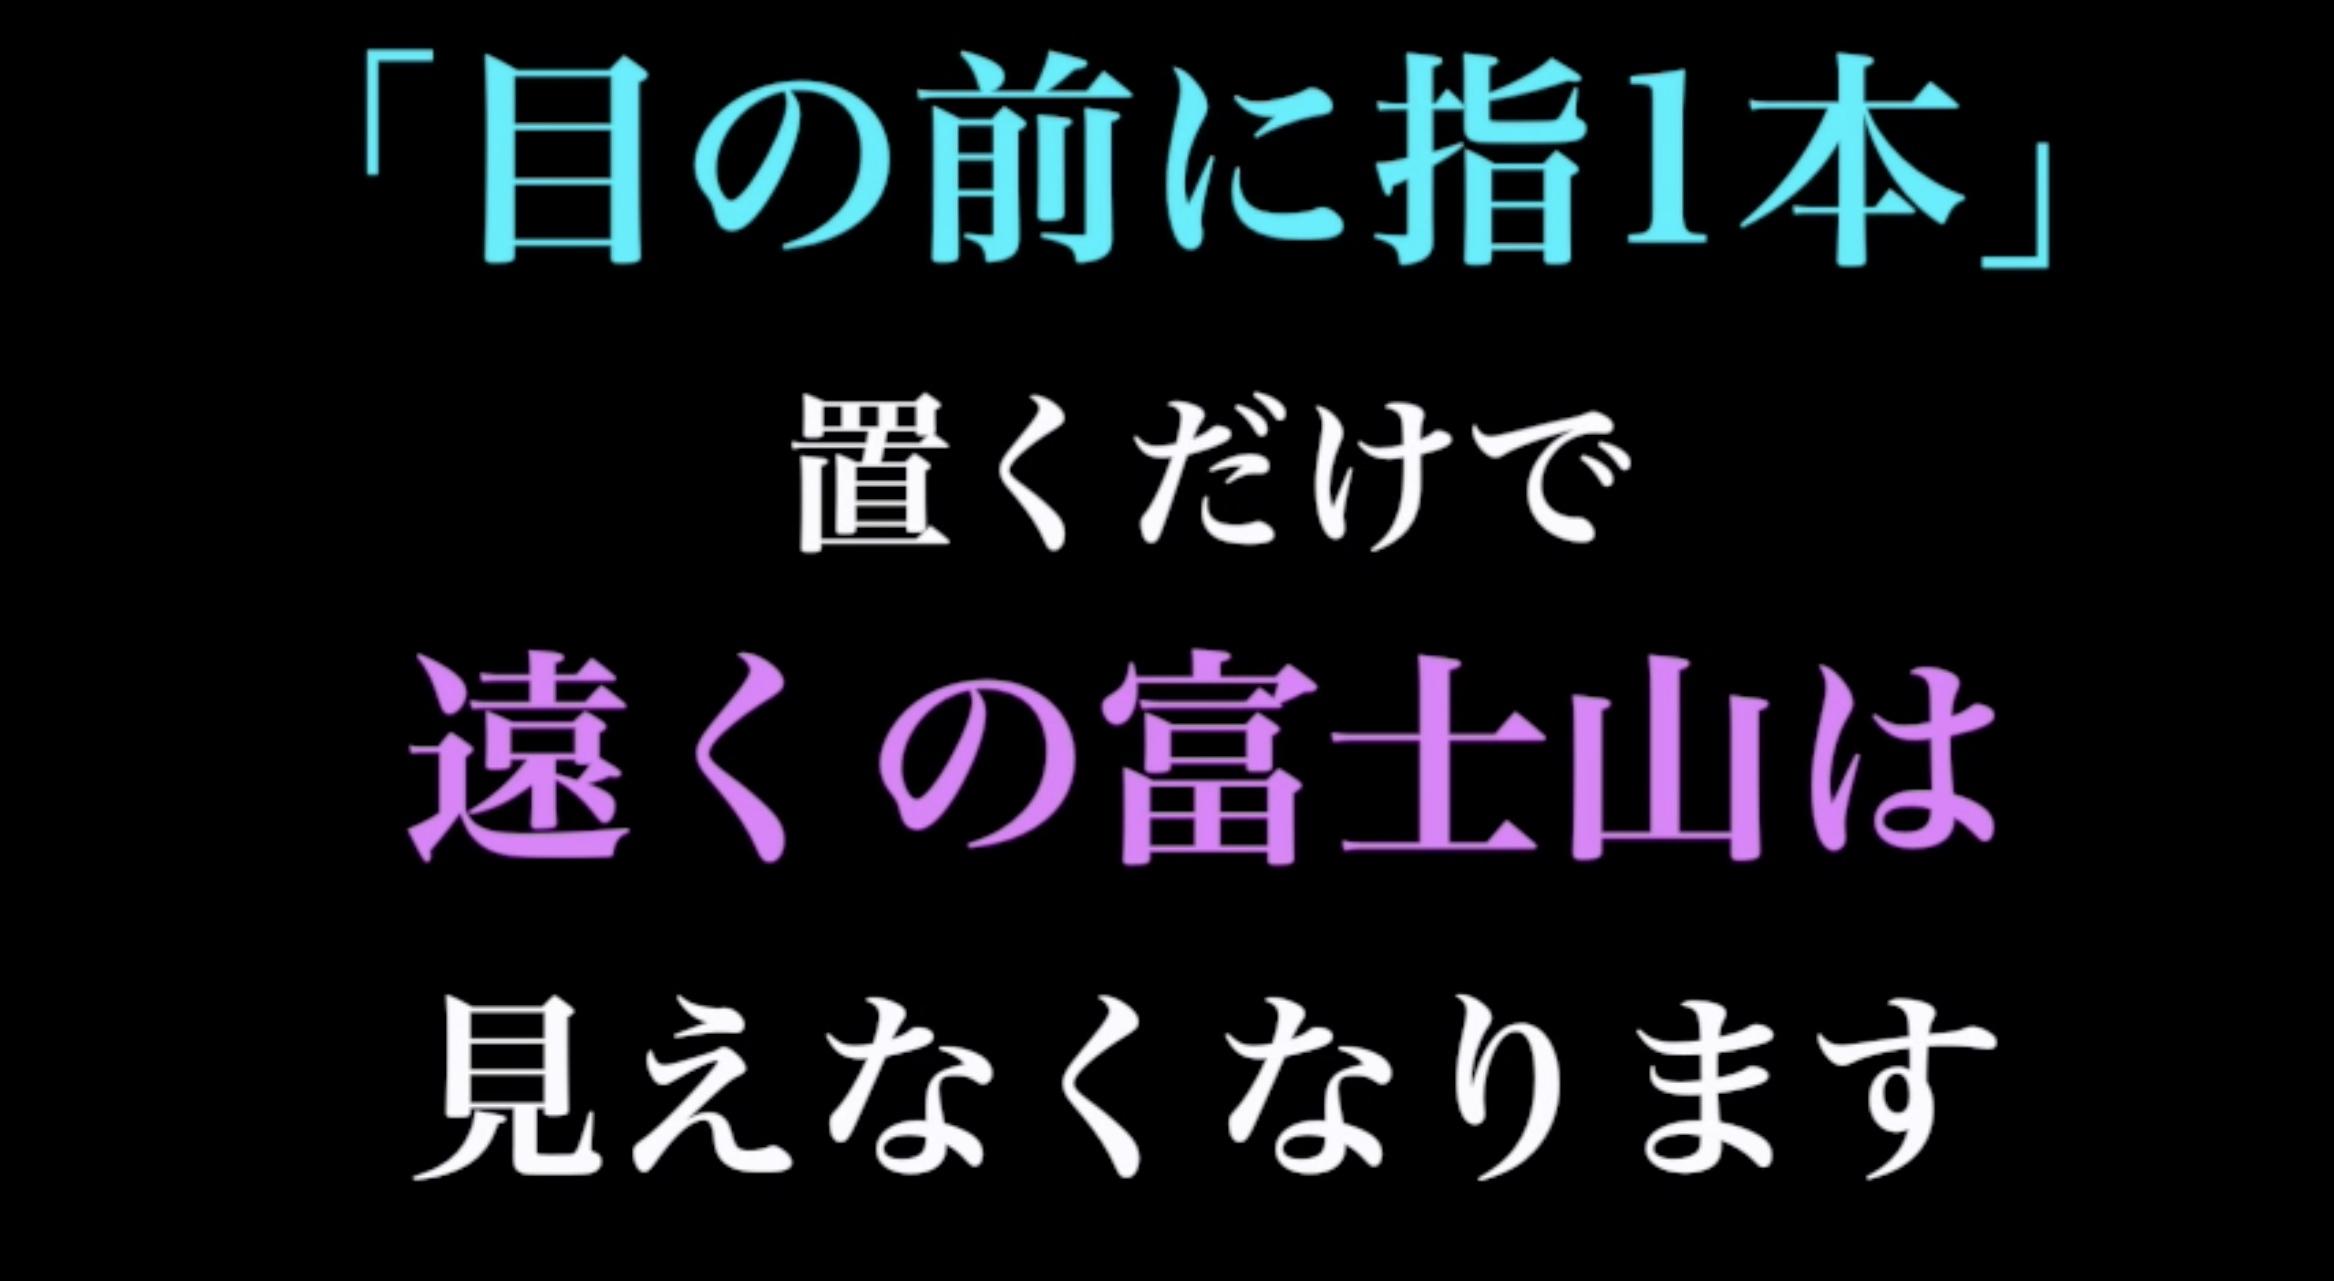 第2882話・・・バレー塾in伊達_c0000970_14474130.jpg